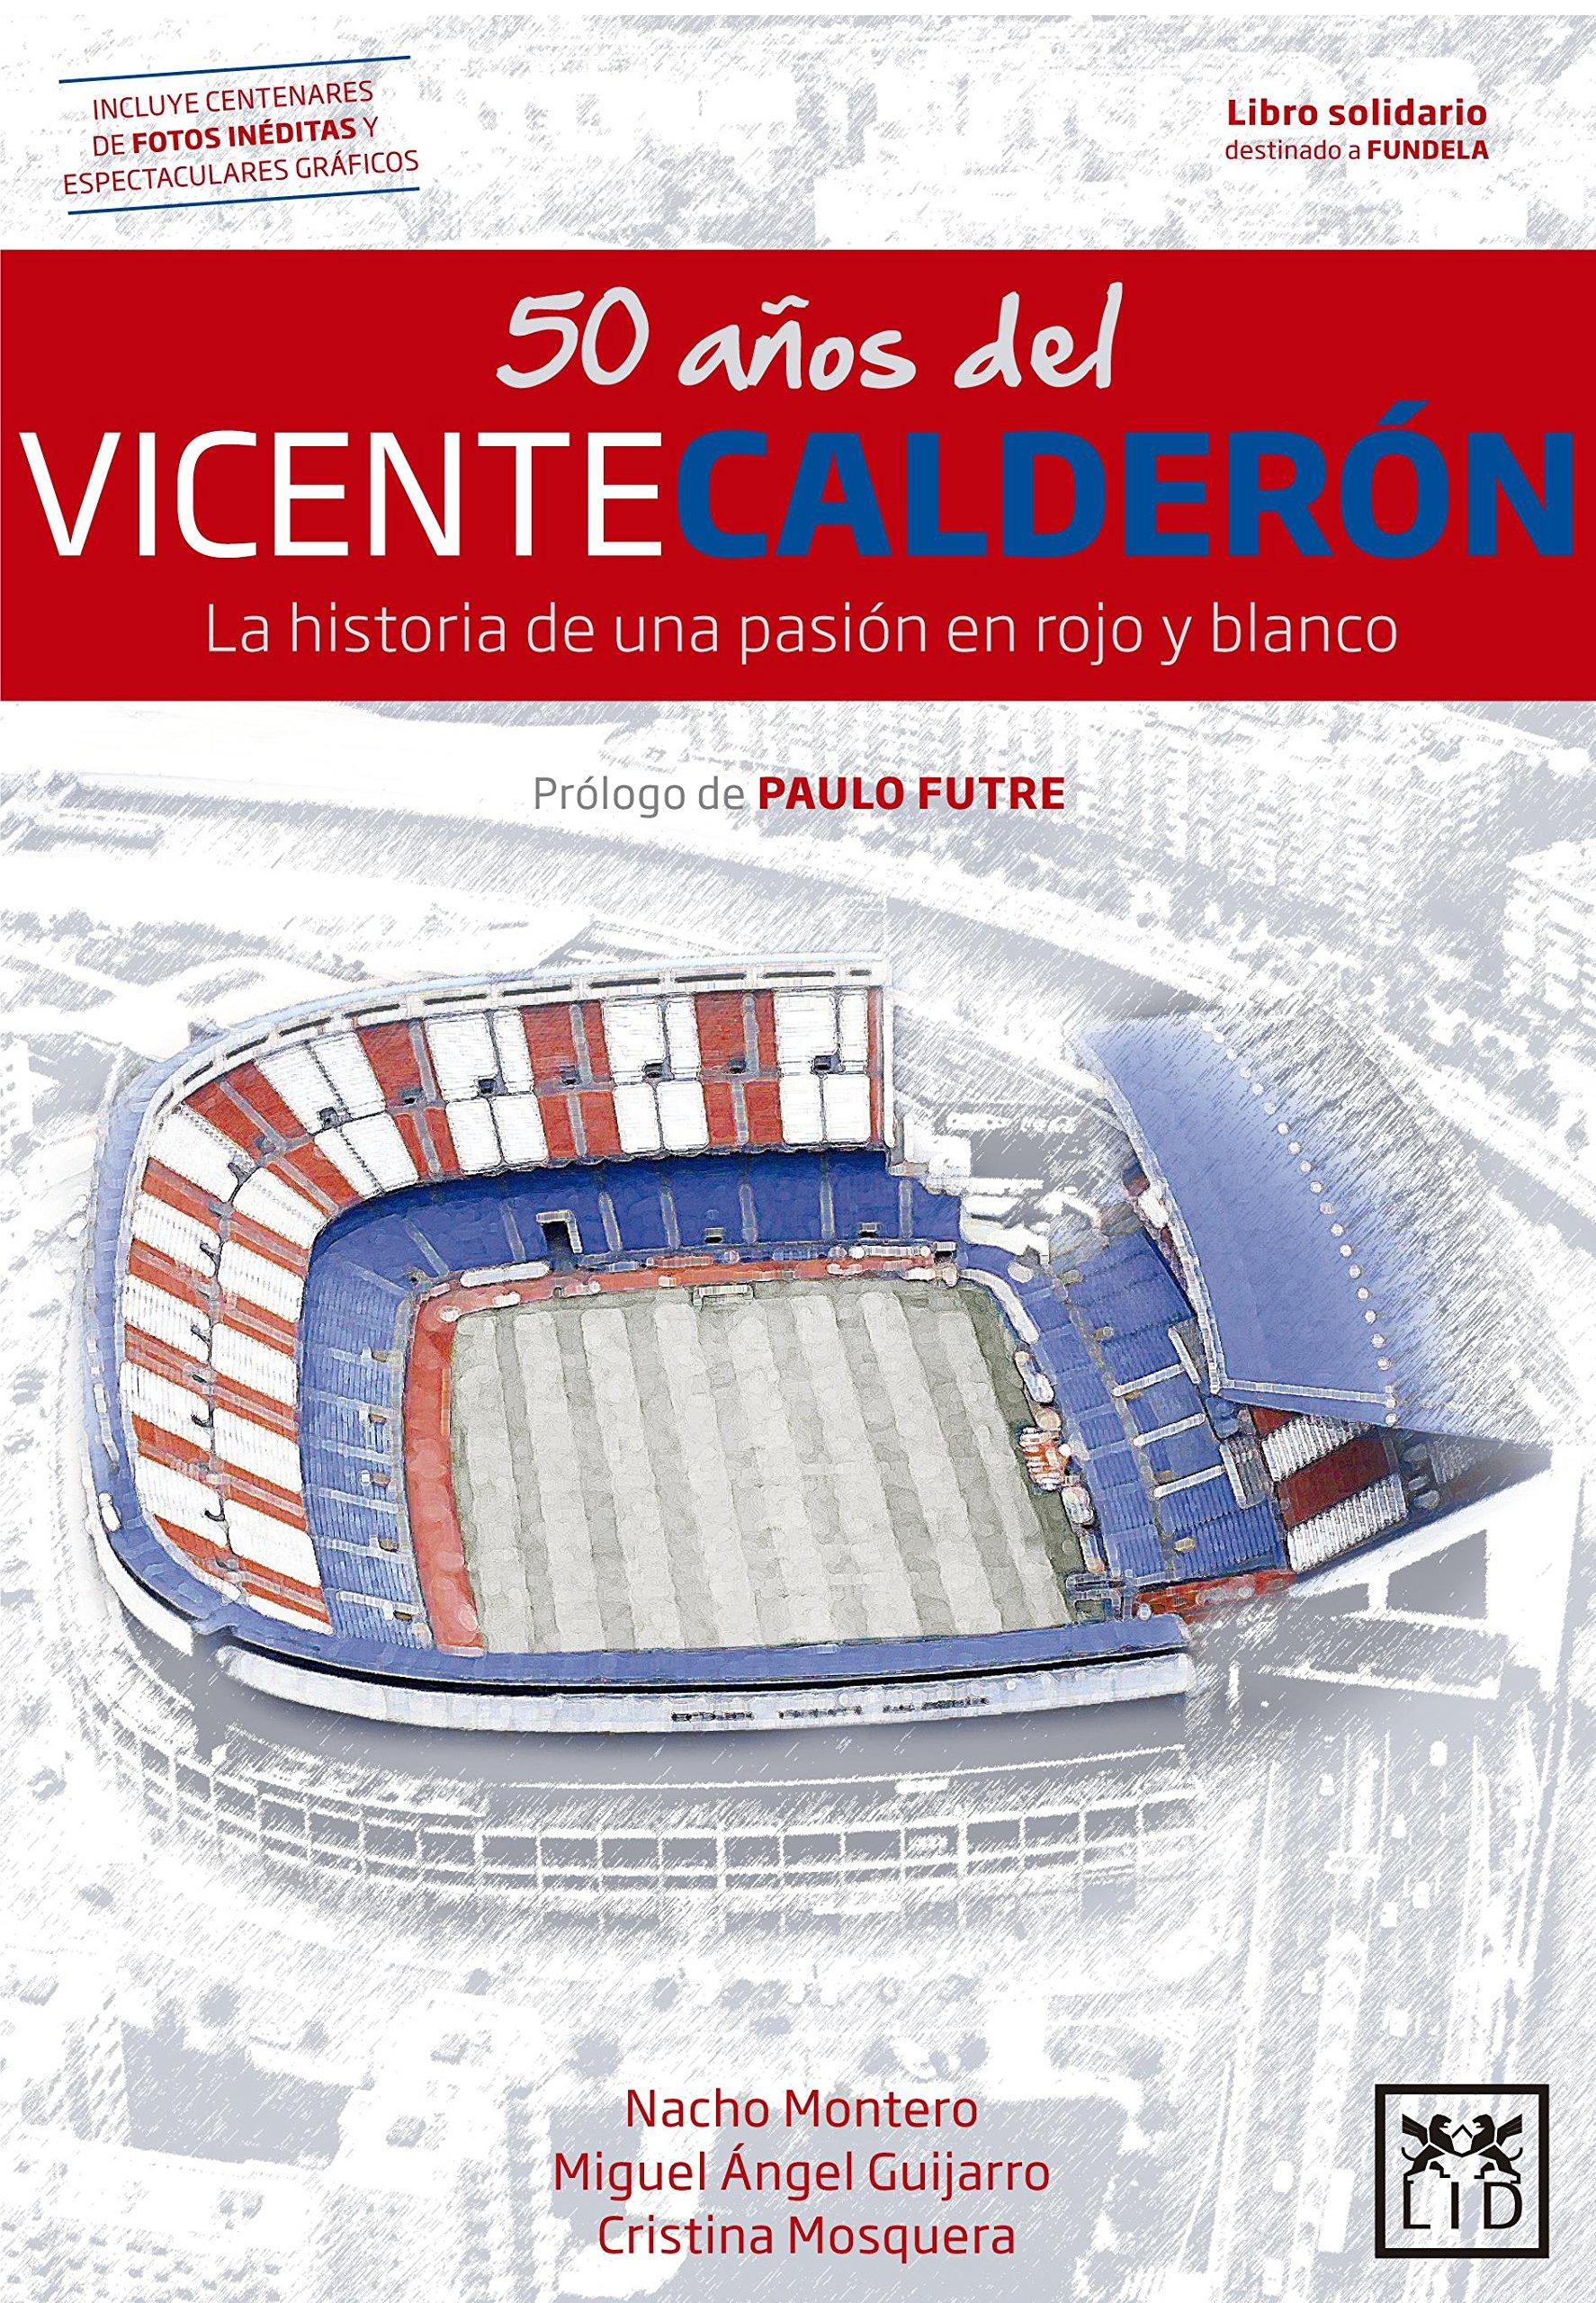 50 años del Vicente Calderón: La historia de una pasión en rojo y blanco (VIVA) (Spanish Edition): Miguel Ángel Guijarro, Nacho Montero, Cristina Mosquera: ...